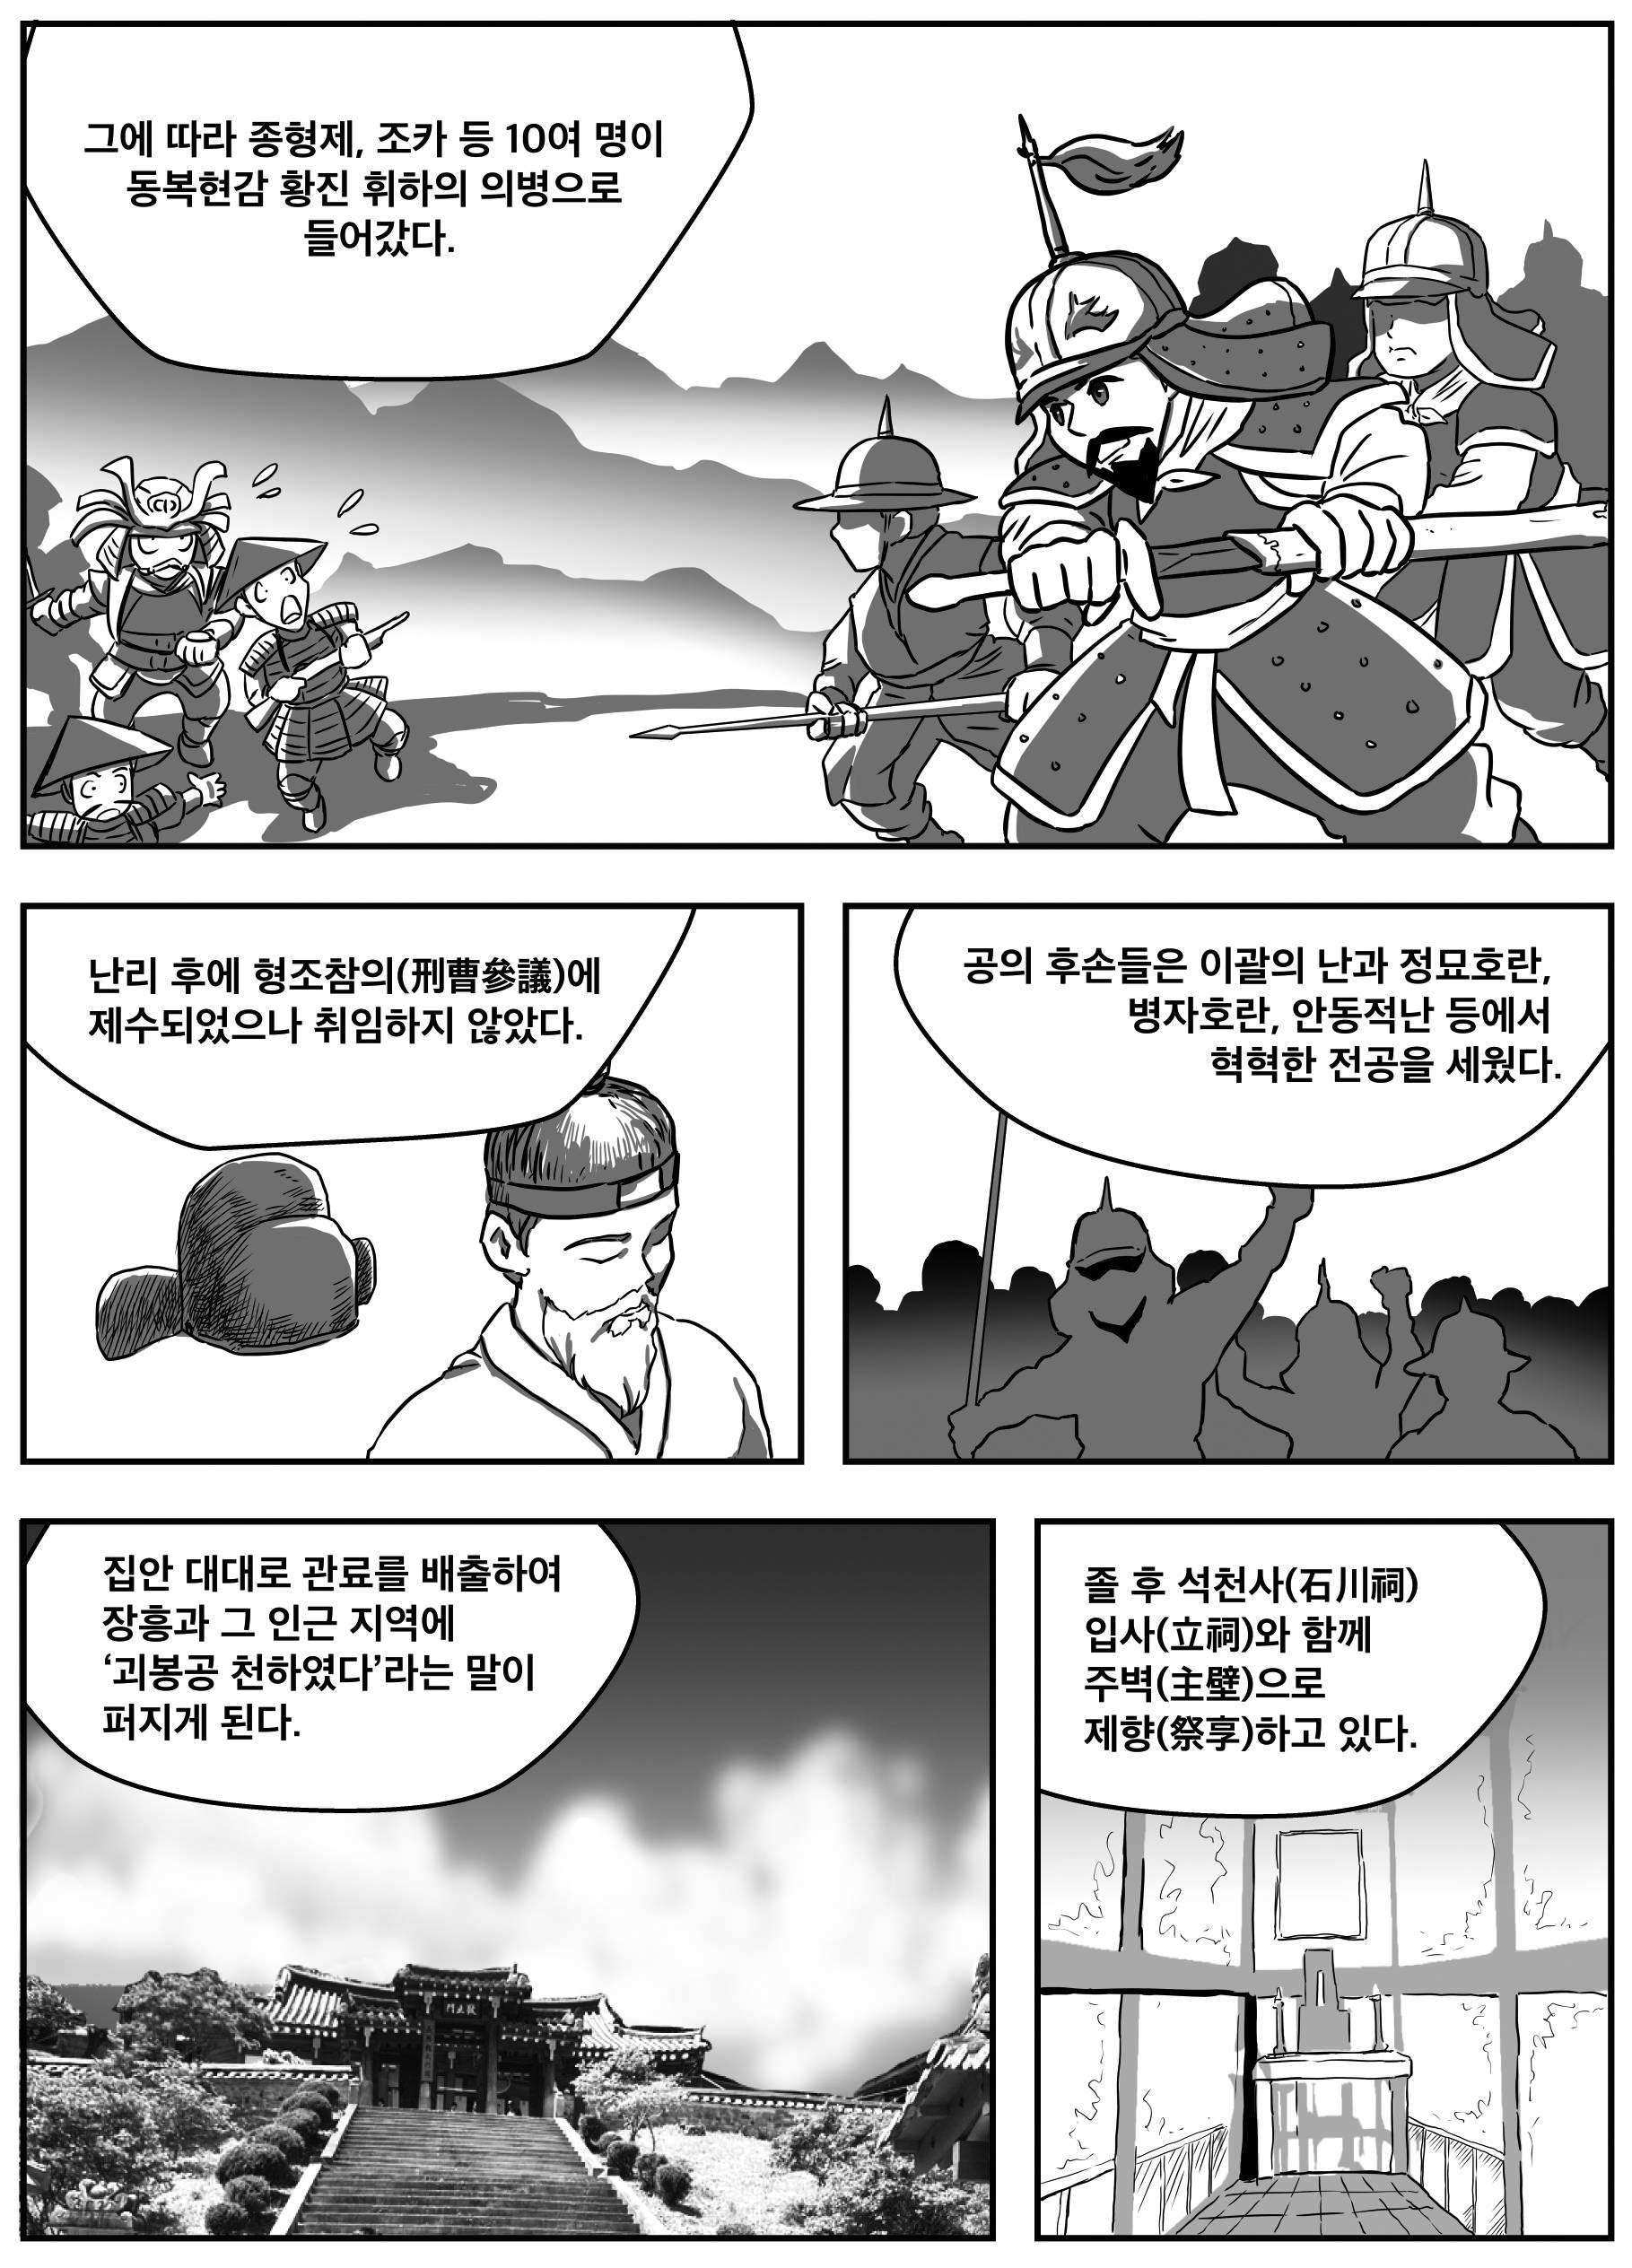 괴봉곤03.jpg